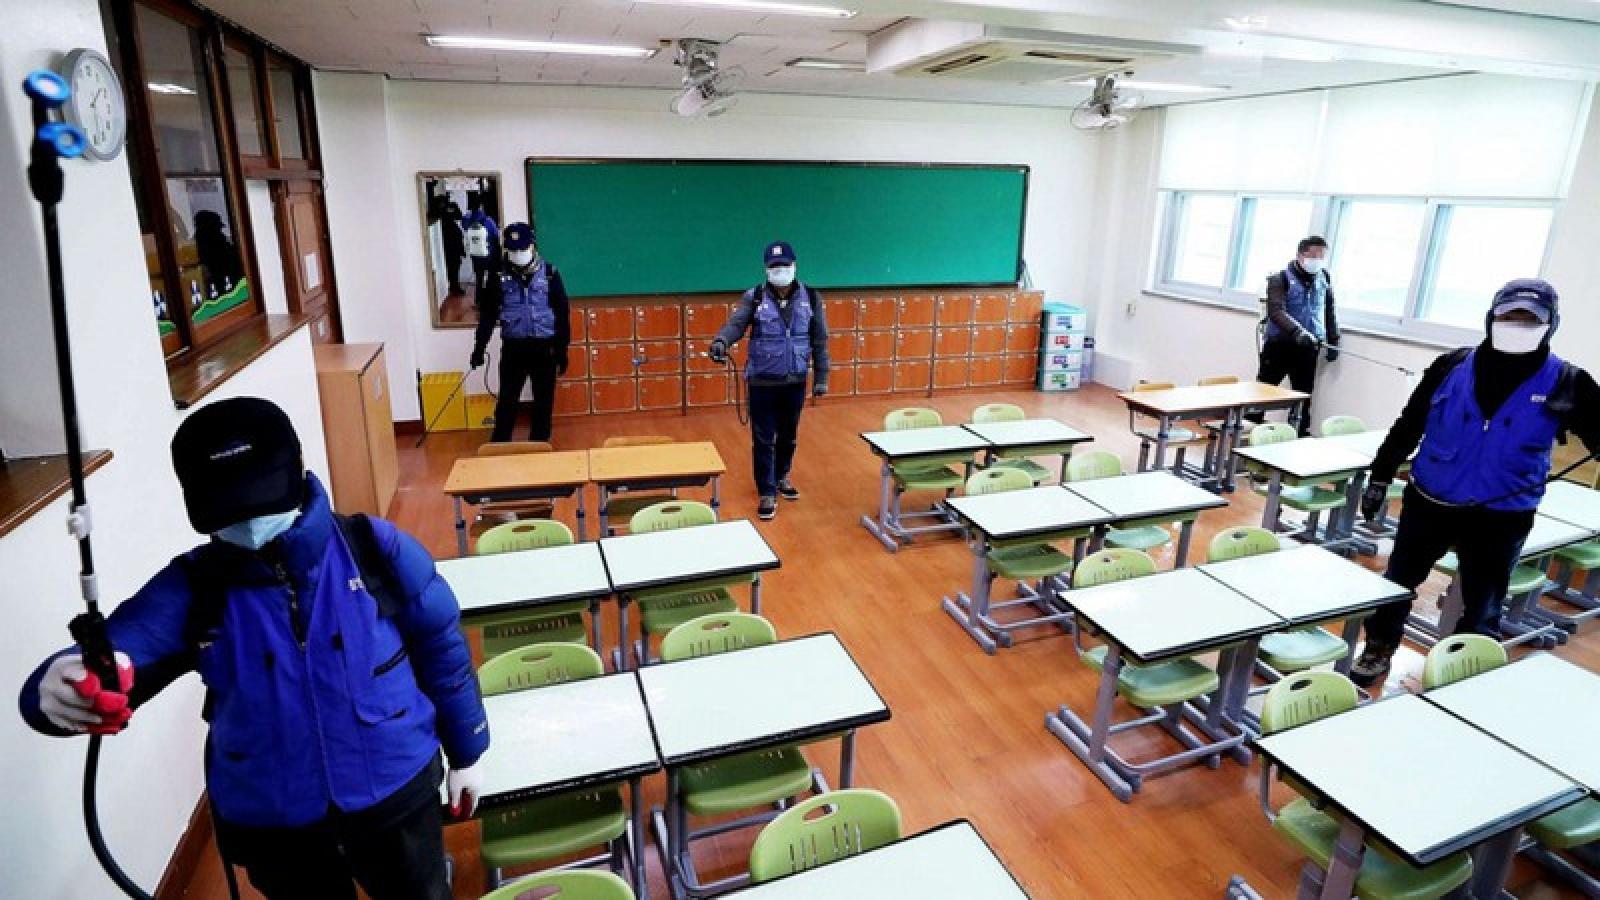 Hàn Quốc thận trọng mở lại trường học sau nhiều tháng đóng cửa vì Covid-19